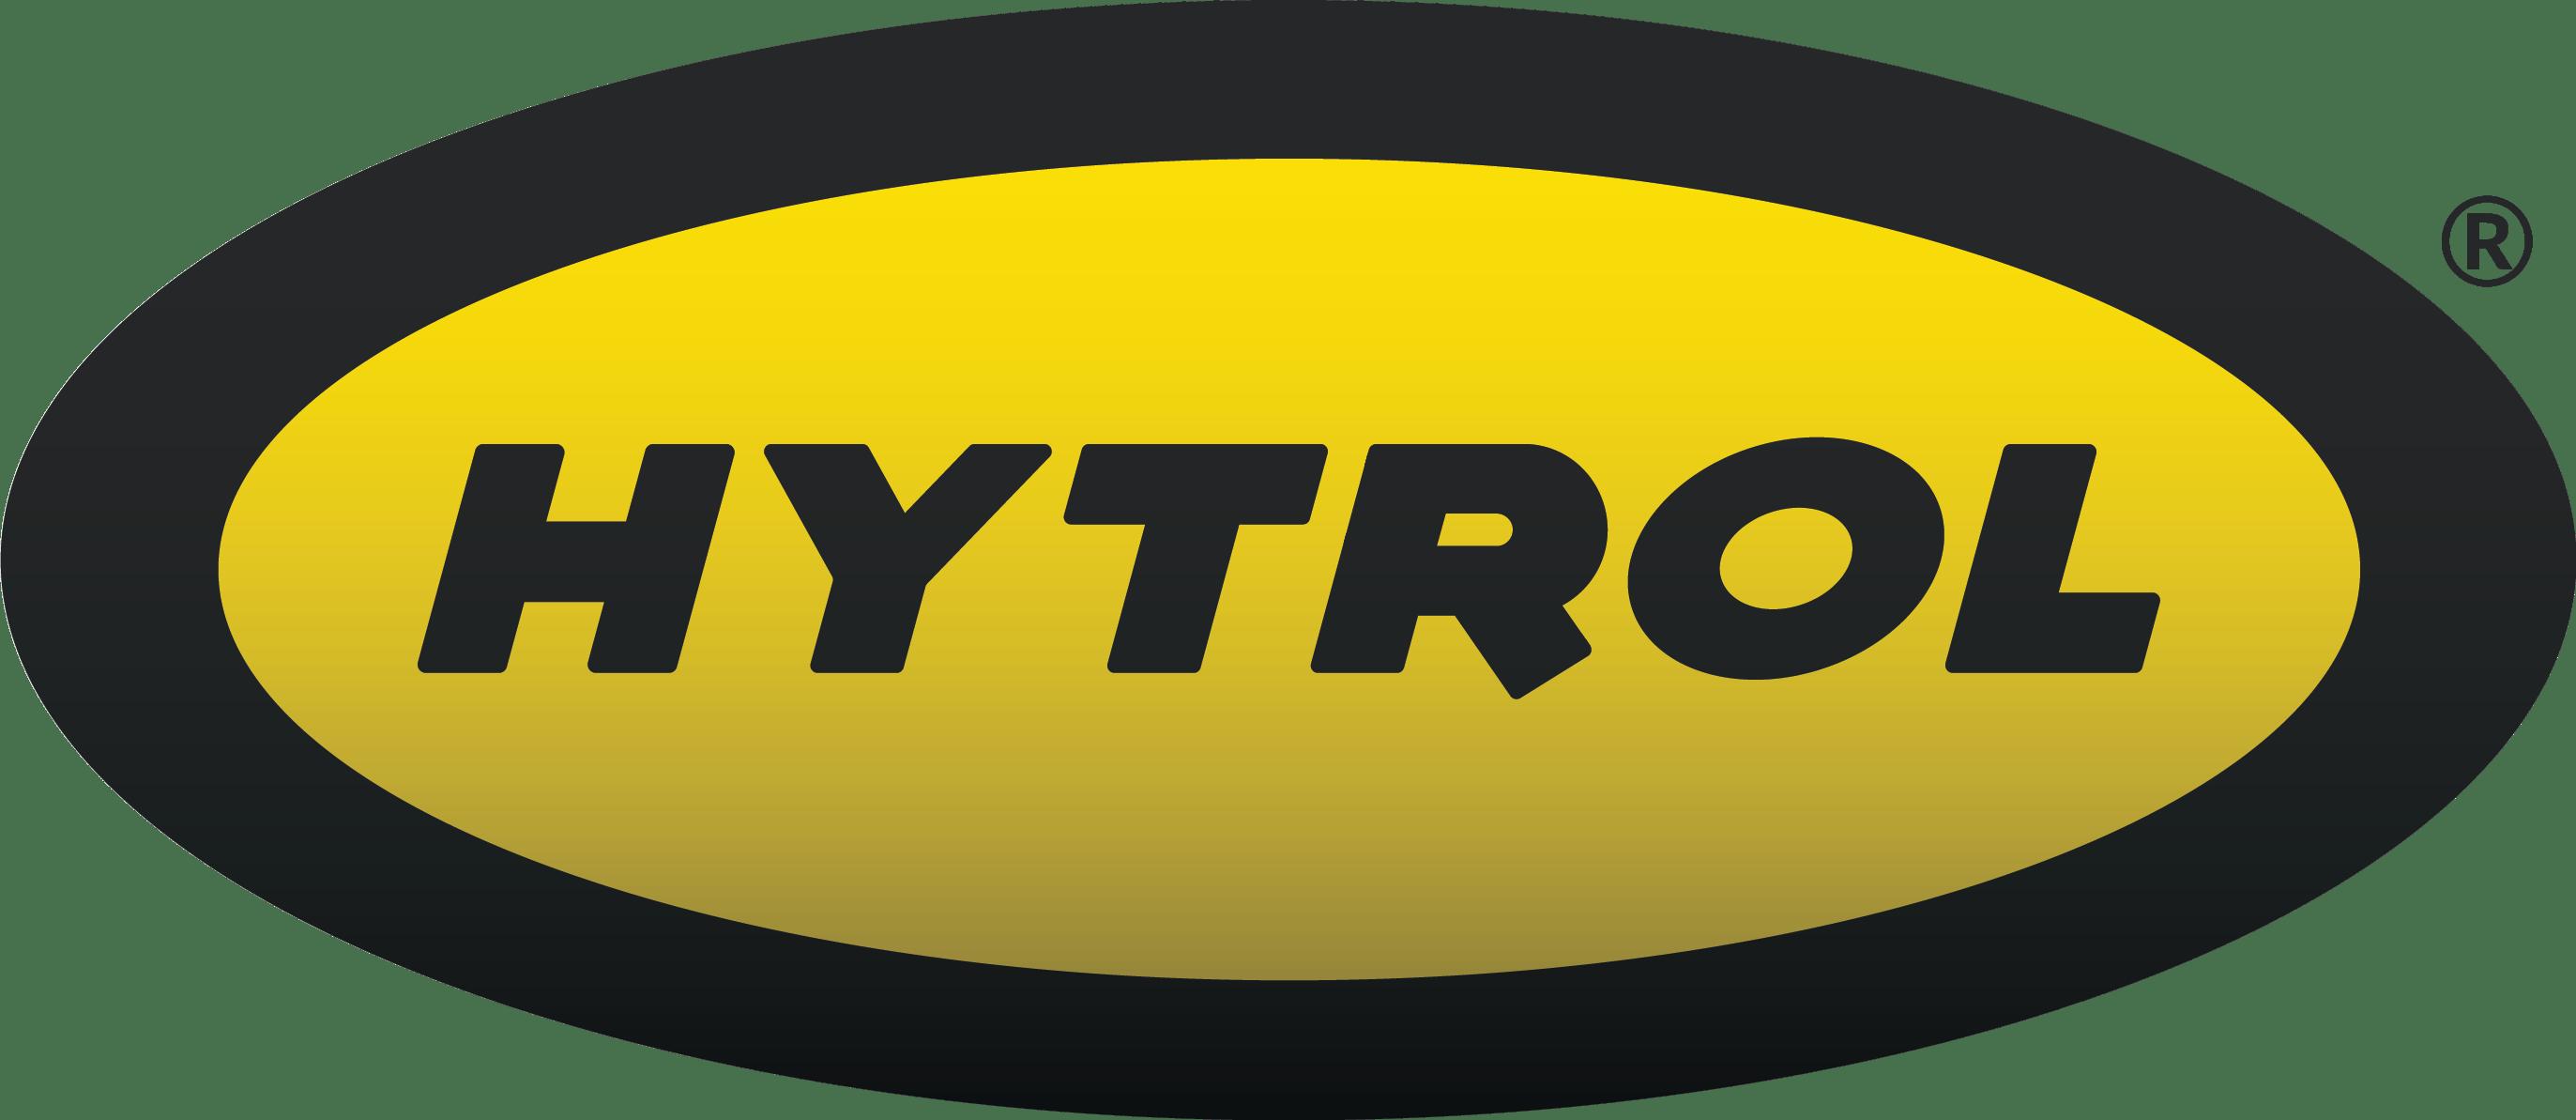 Hytrol Careers